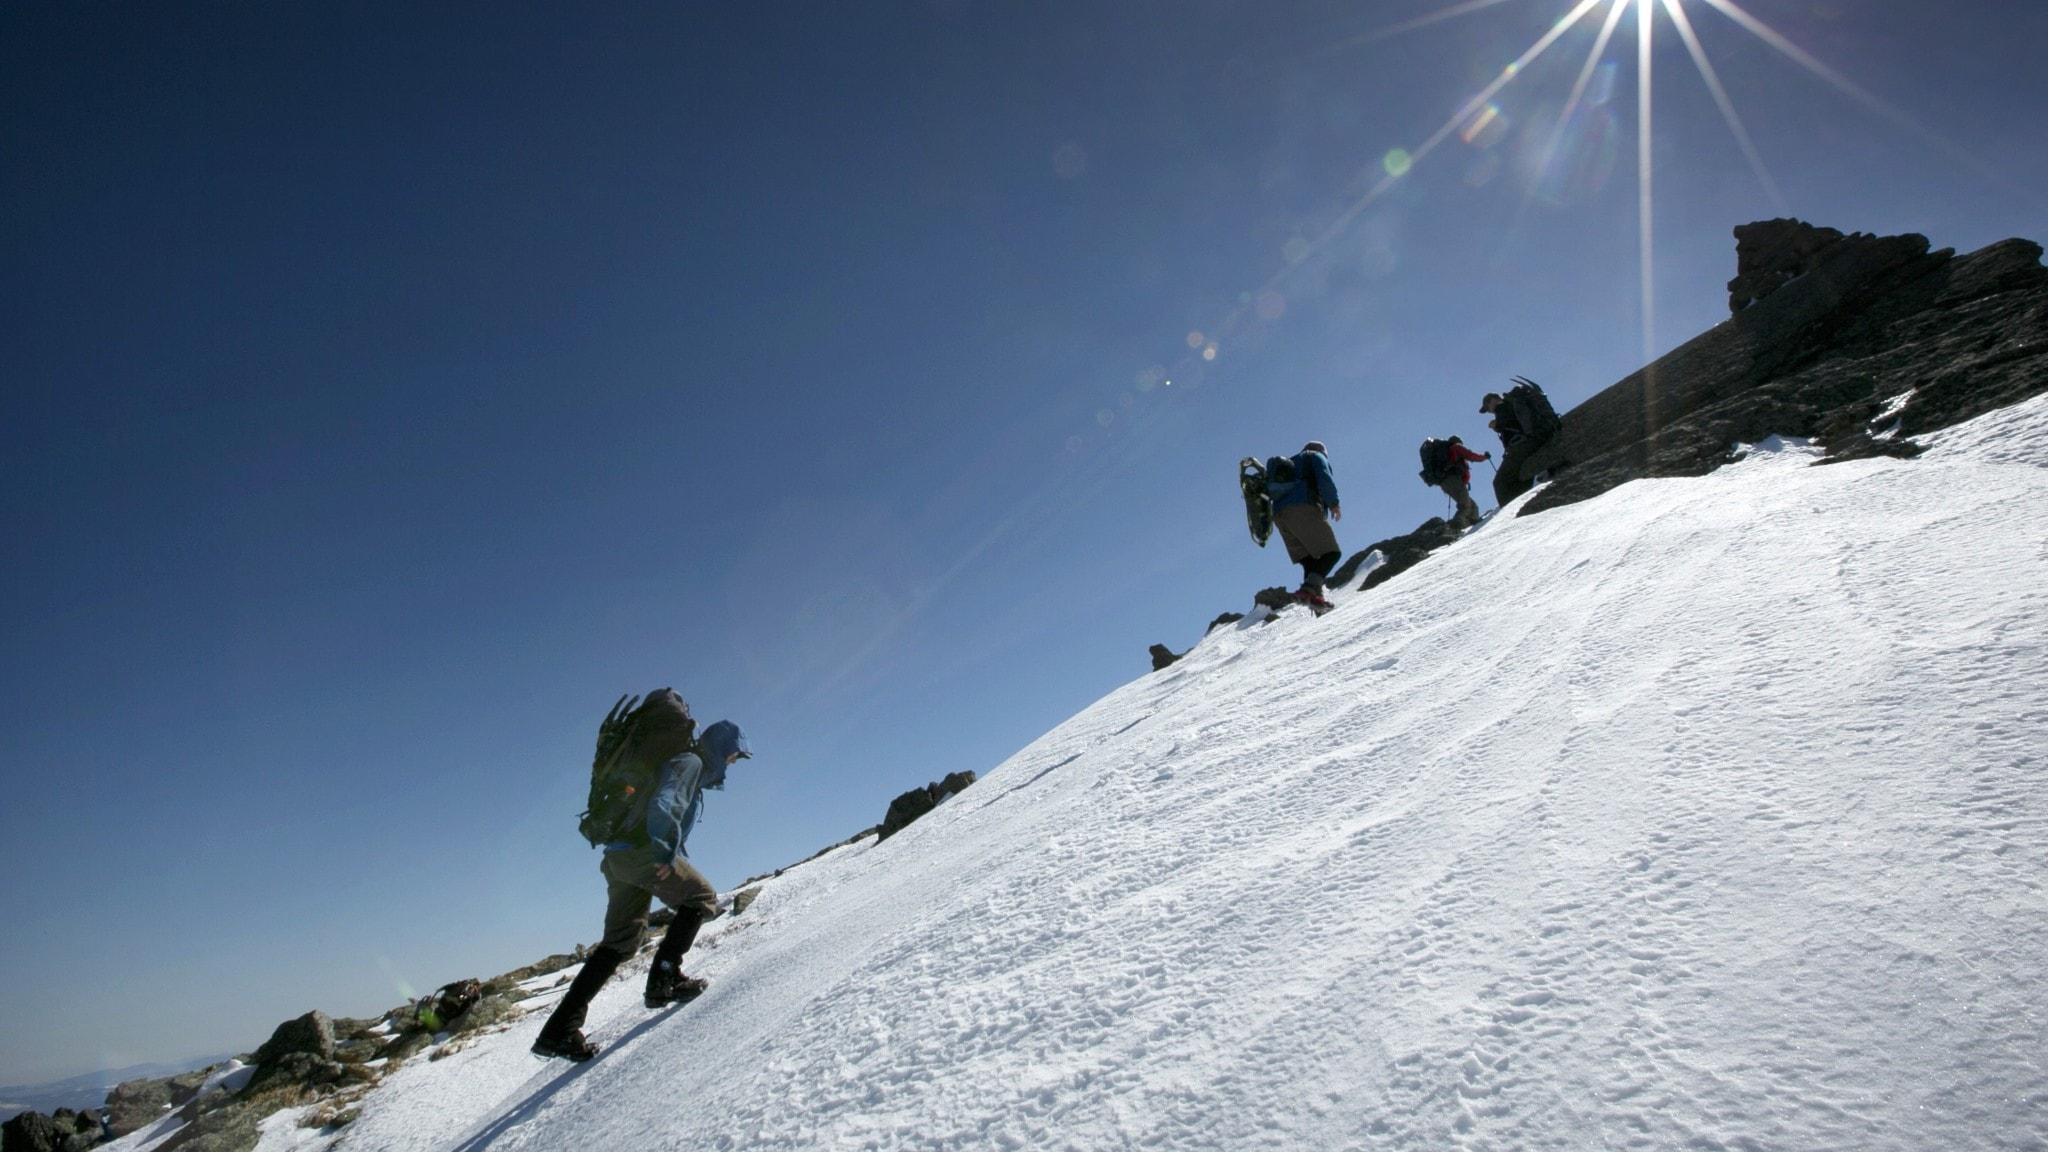 Man klättrar på ett snötäckt berg, solen skiner